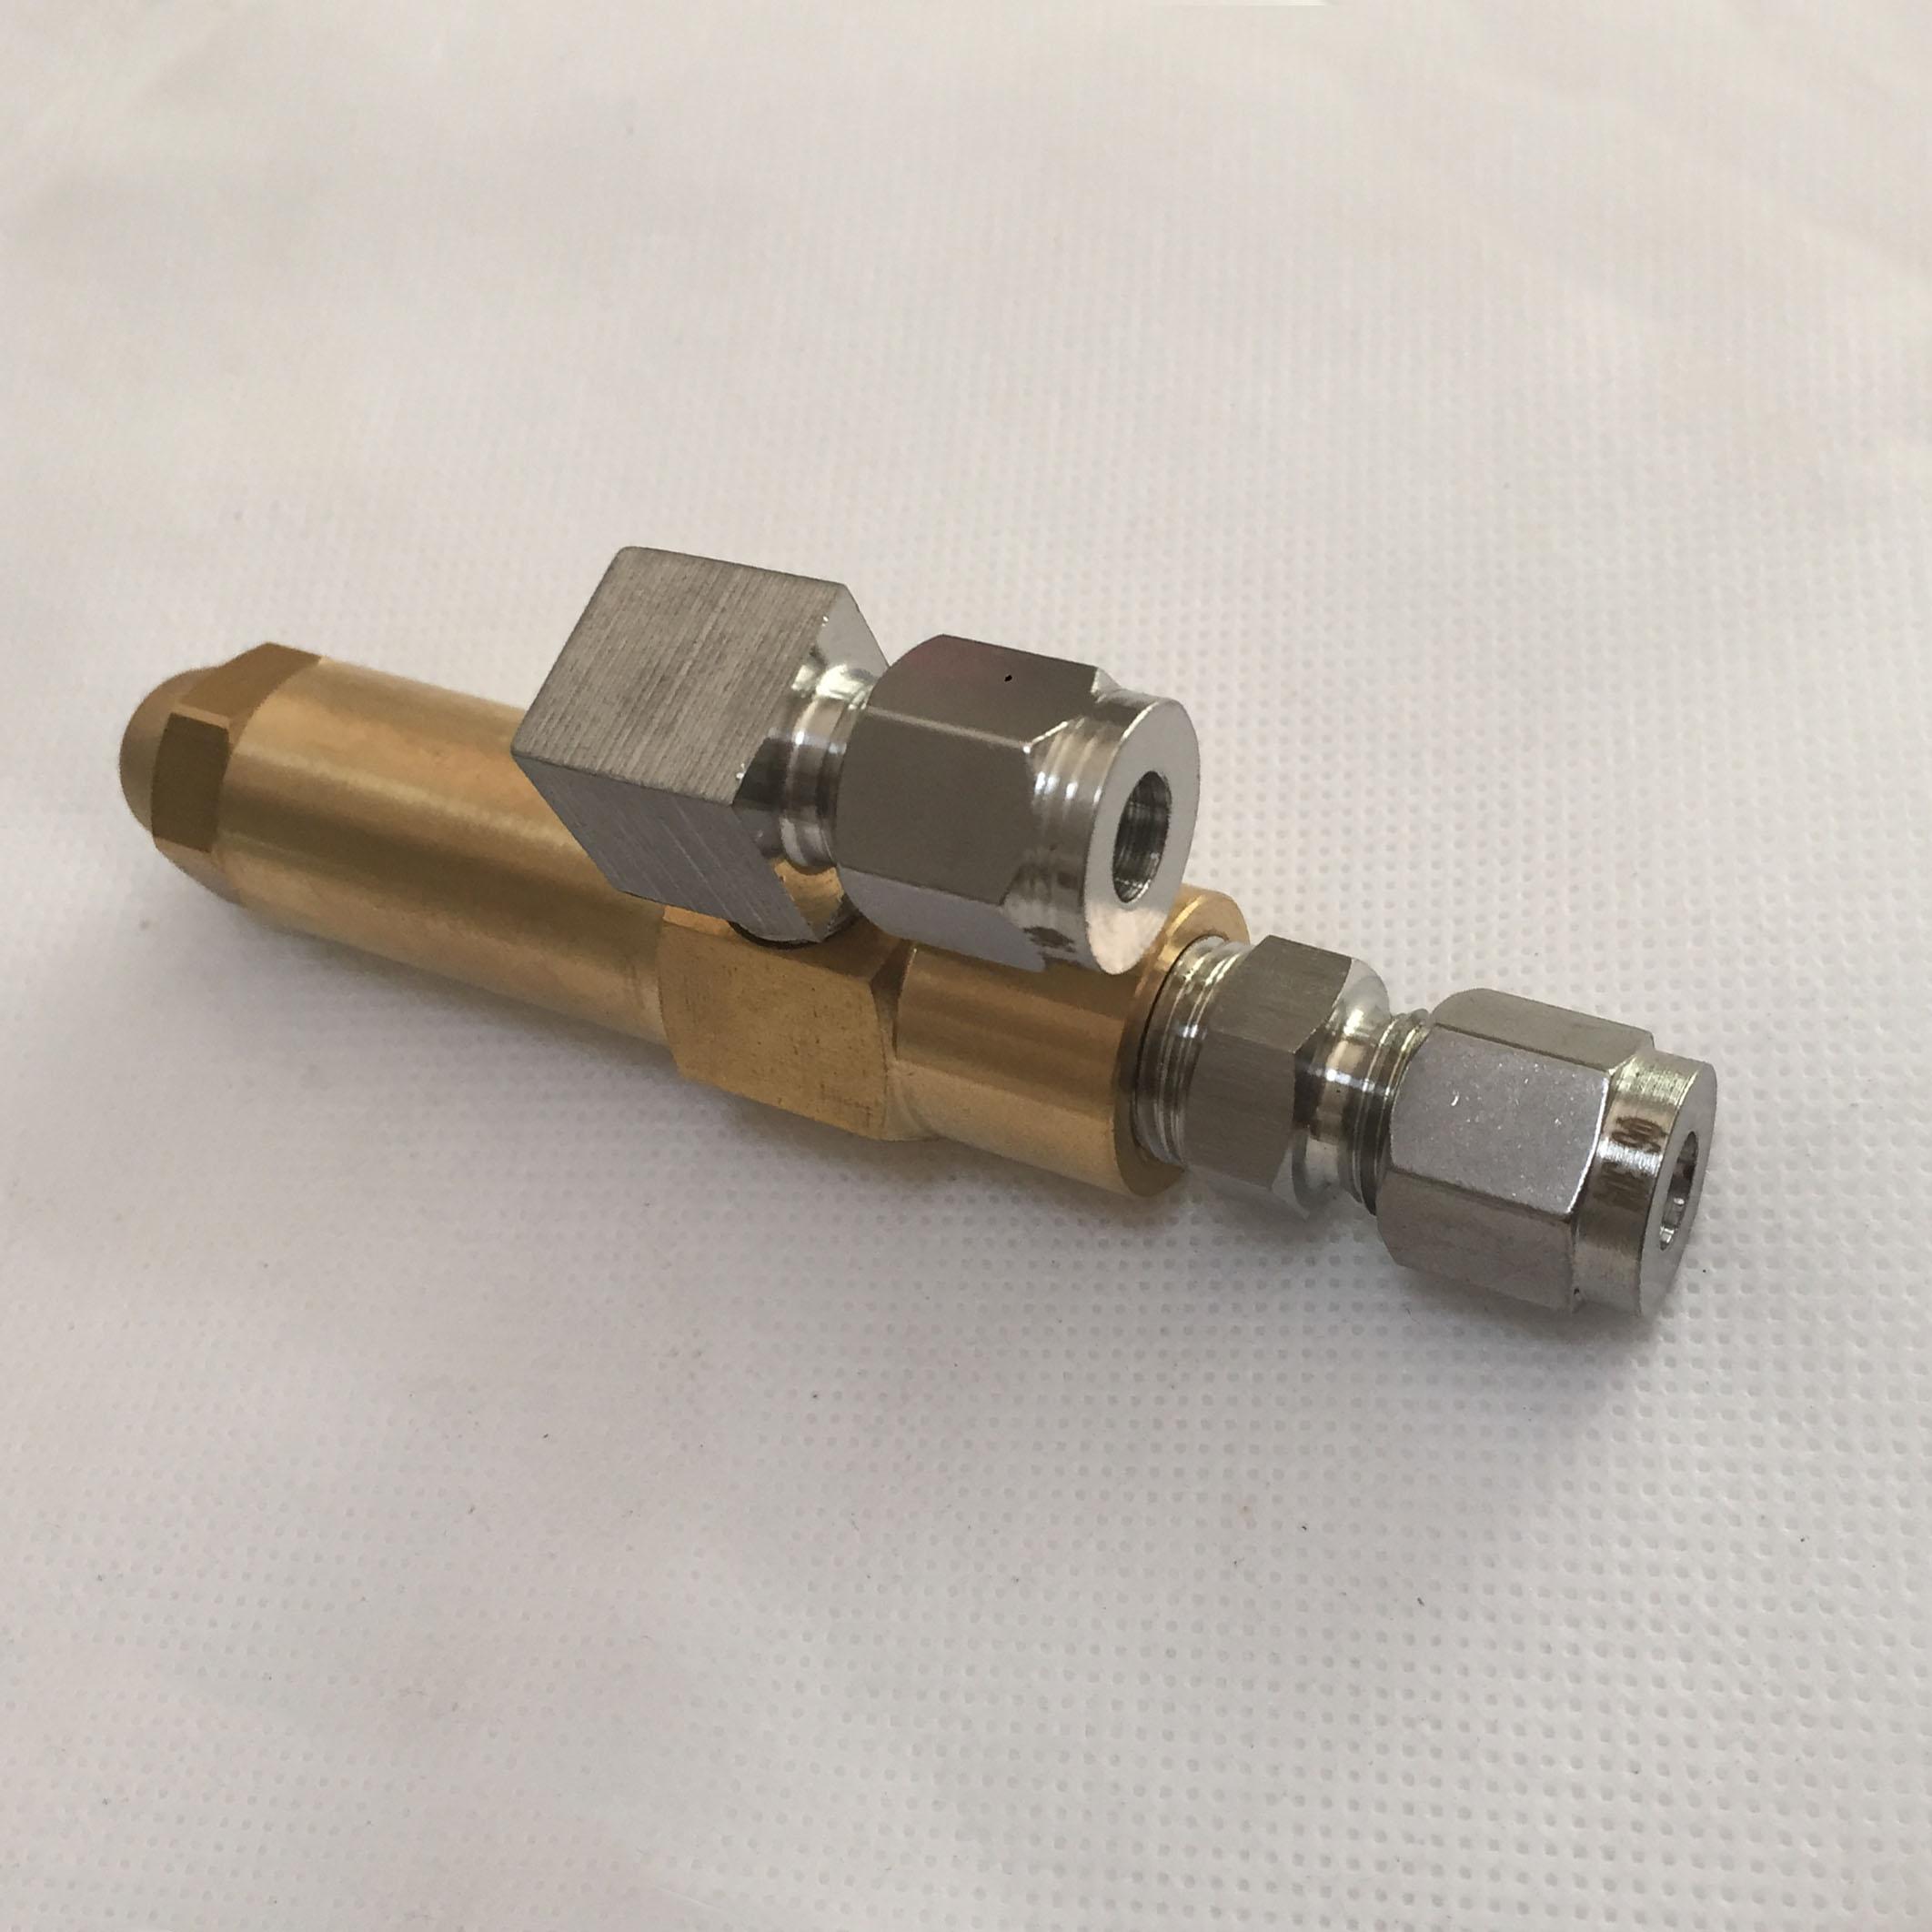 1.0/1.5/2.0 buse de carburant siphon buse d'atomisation d'air buse à deux fluides diesel huile lourde huile usée à base d'alcool buse de brûleur de carburant